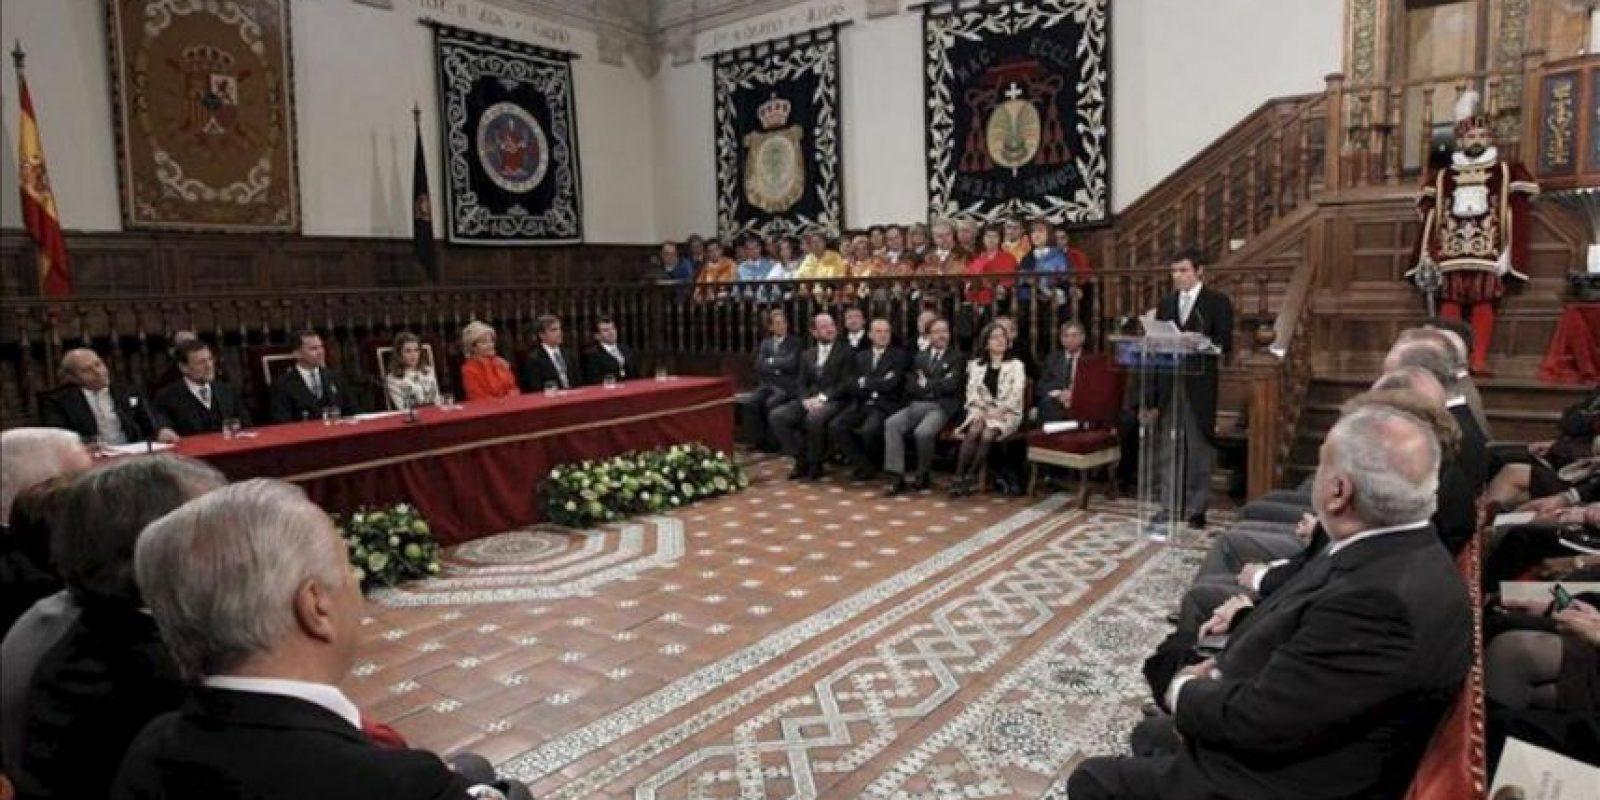 Cristóbal Ugarte (d), nieto del gran poeta chileno Nicanor Parra, lee unas palabras de agradecimiento de su abuelo por la concesión del Premio Cervantes, durante la ceremonia de entrega del galardón, celebrada en el paraninfo de la Universidad de Alcalá de Henares (Madrid), bajo la presidencia del príncipe de Asturias (3i). EFE